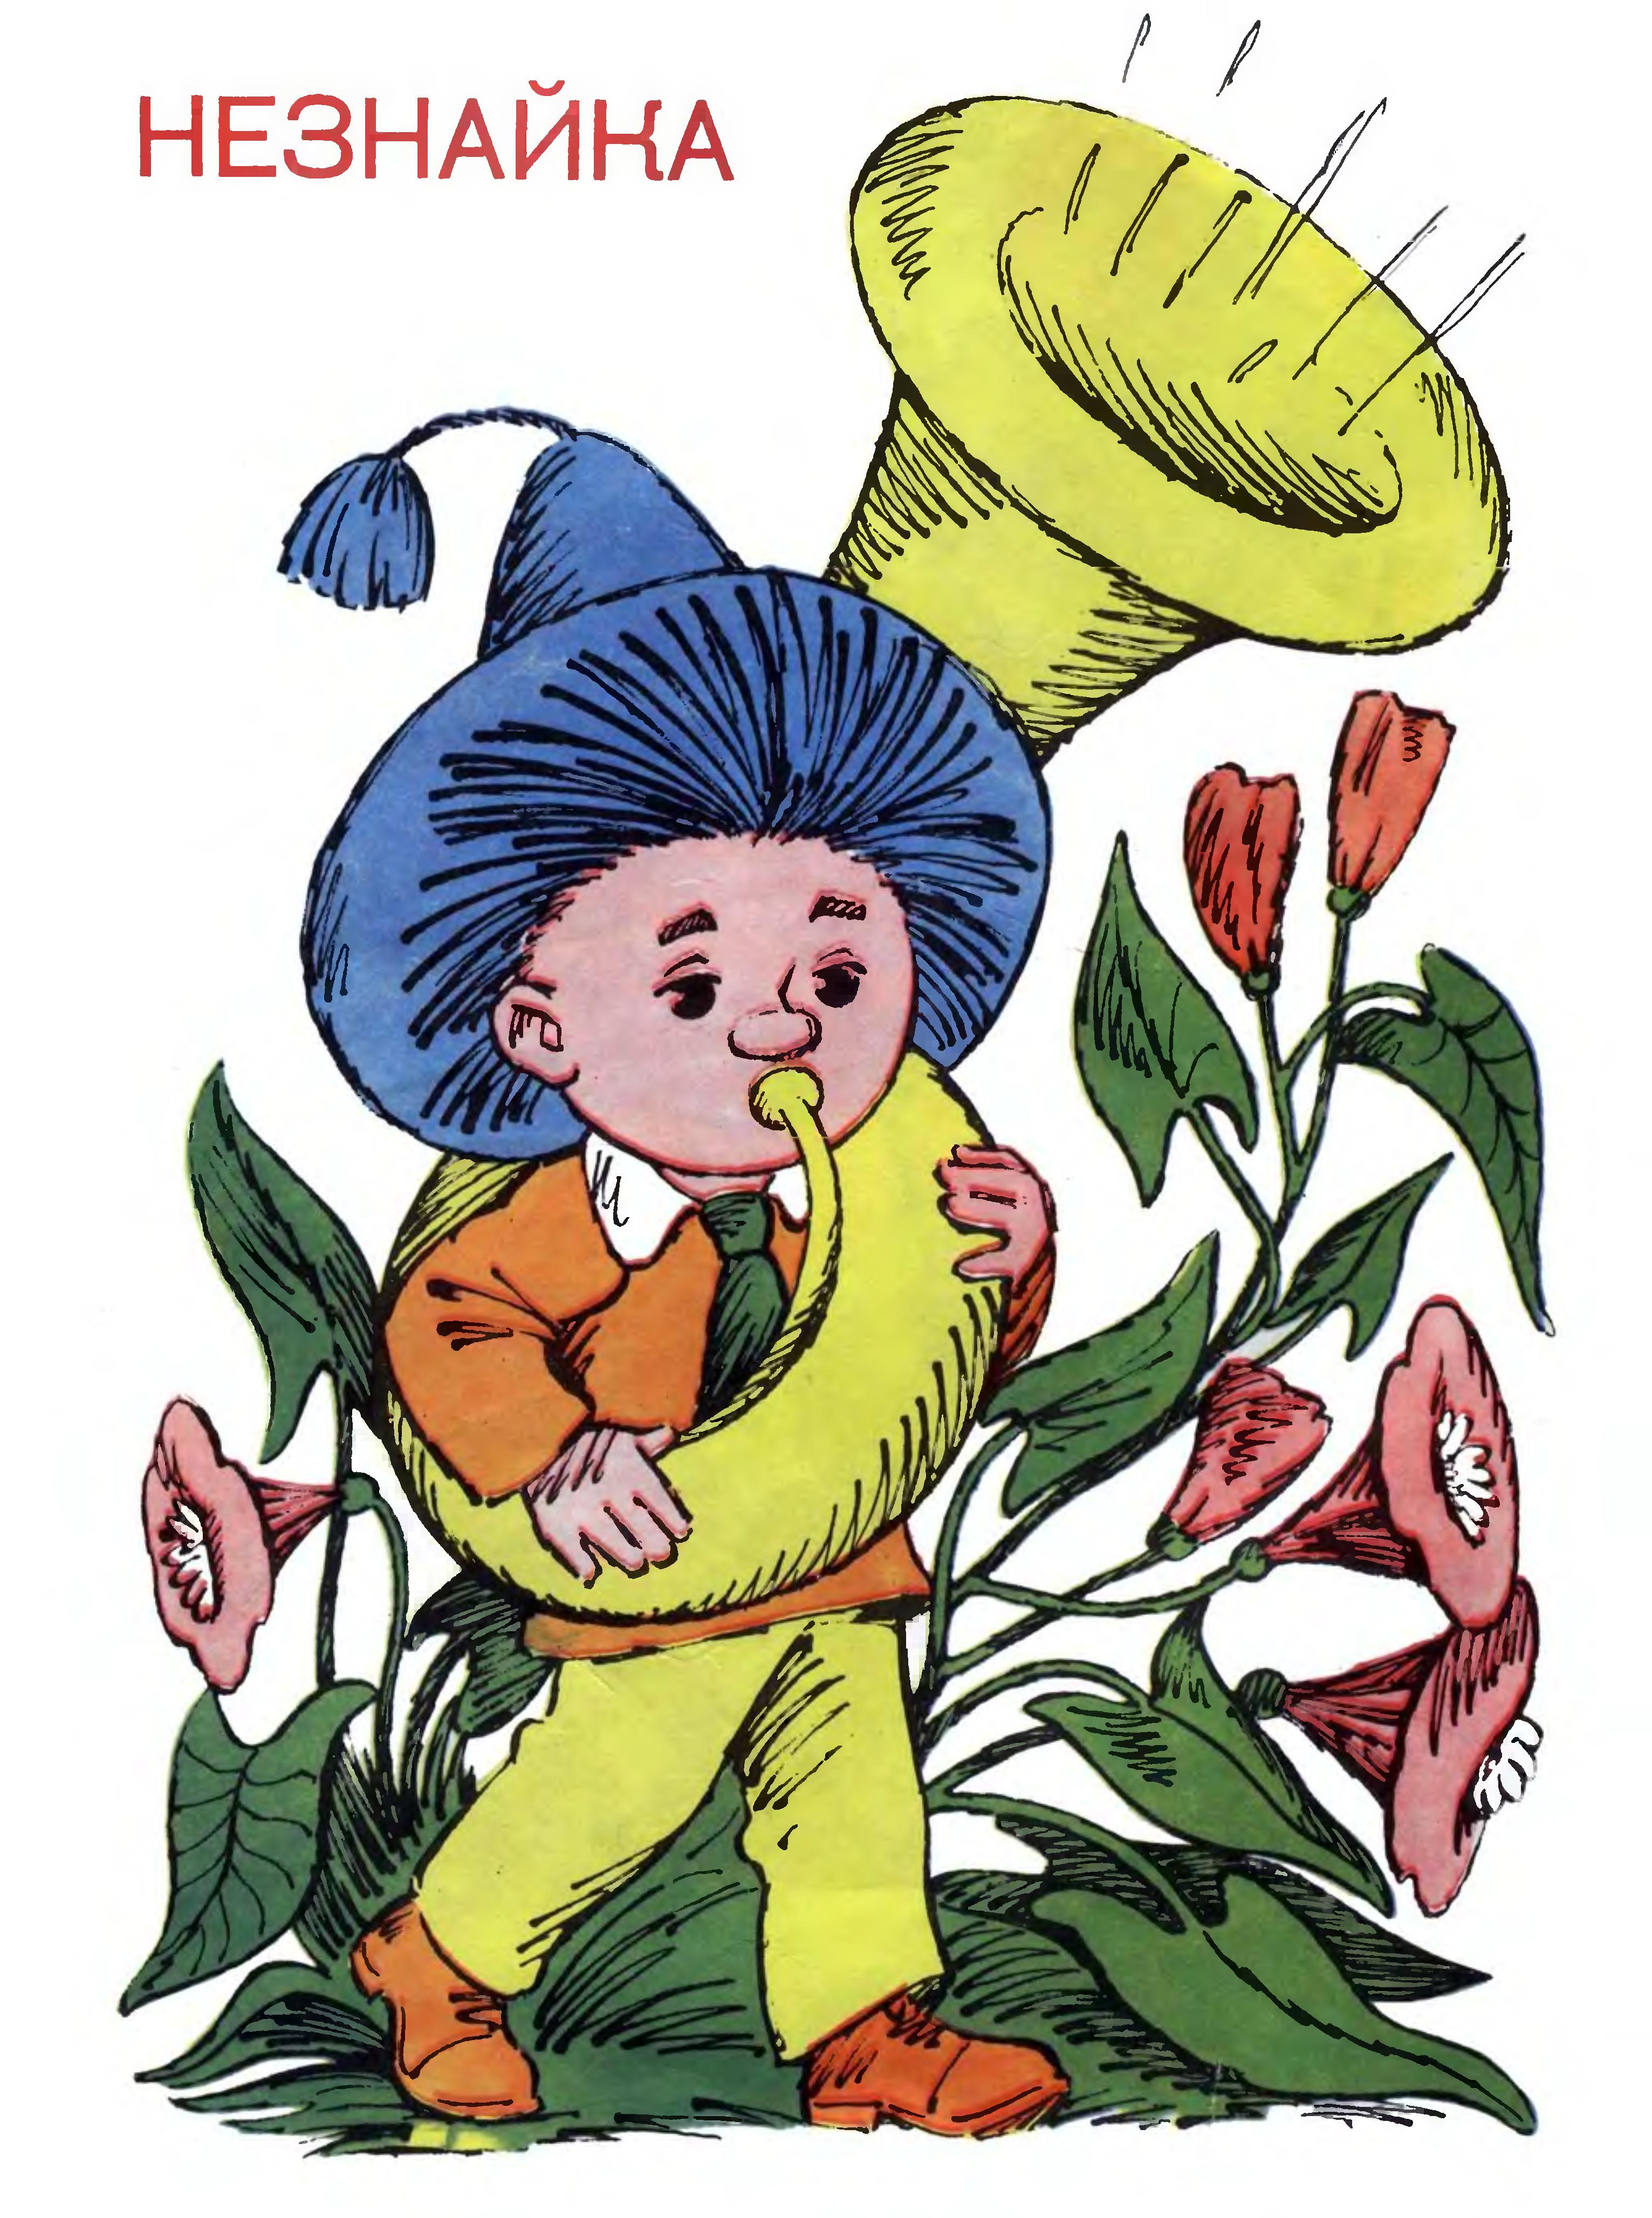 некоторым картинки незнайка и говорящий гриб предлагаемому рецепту можете